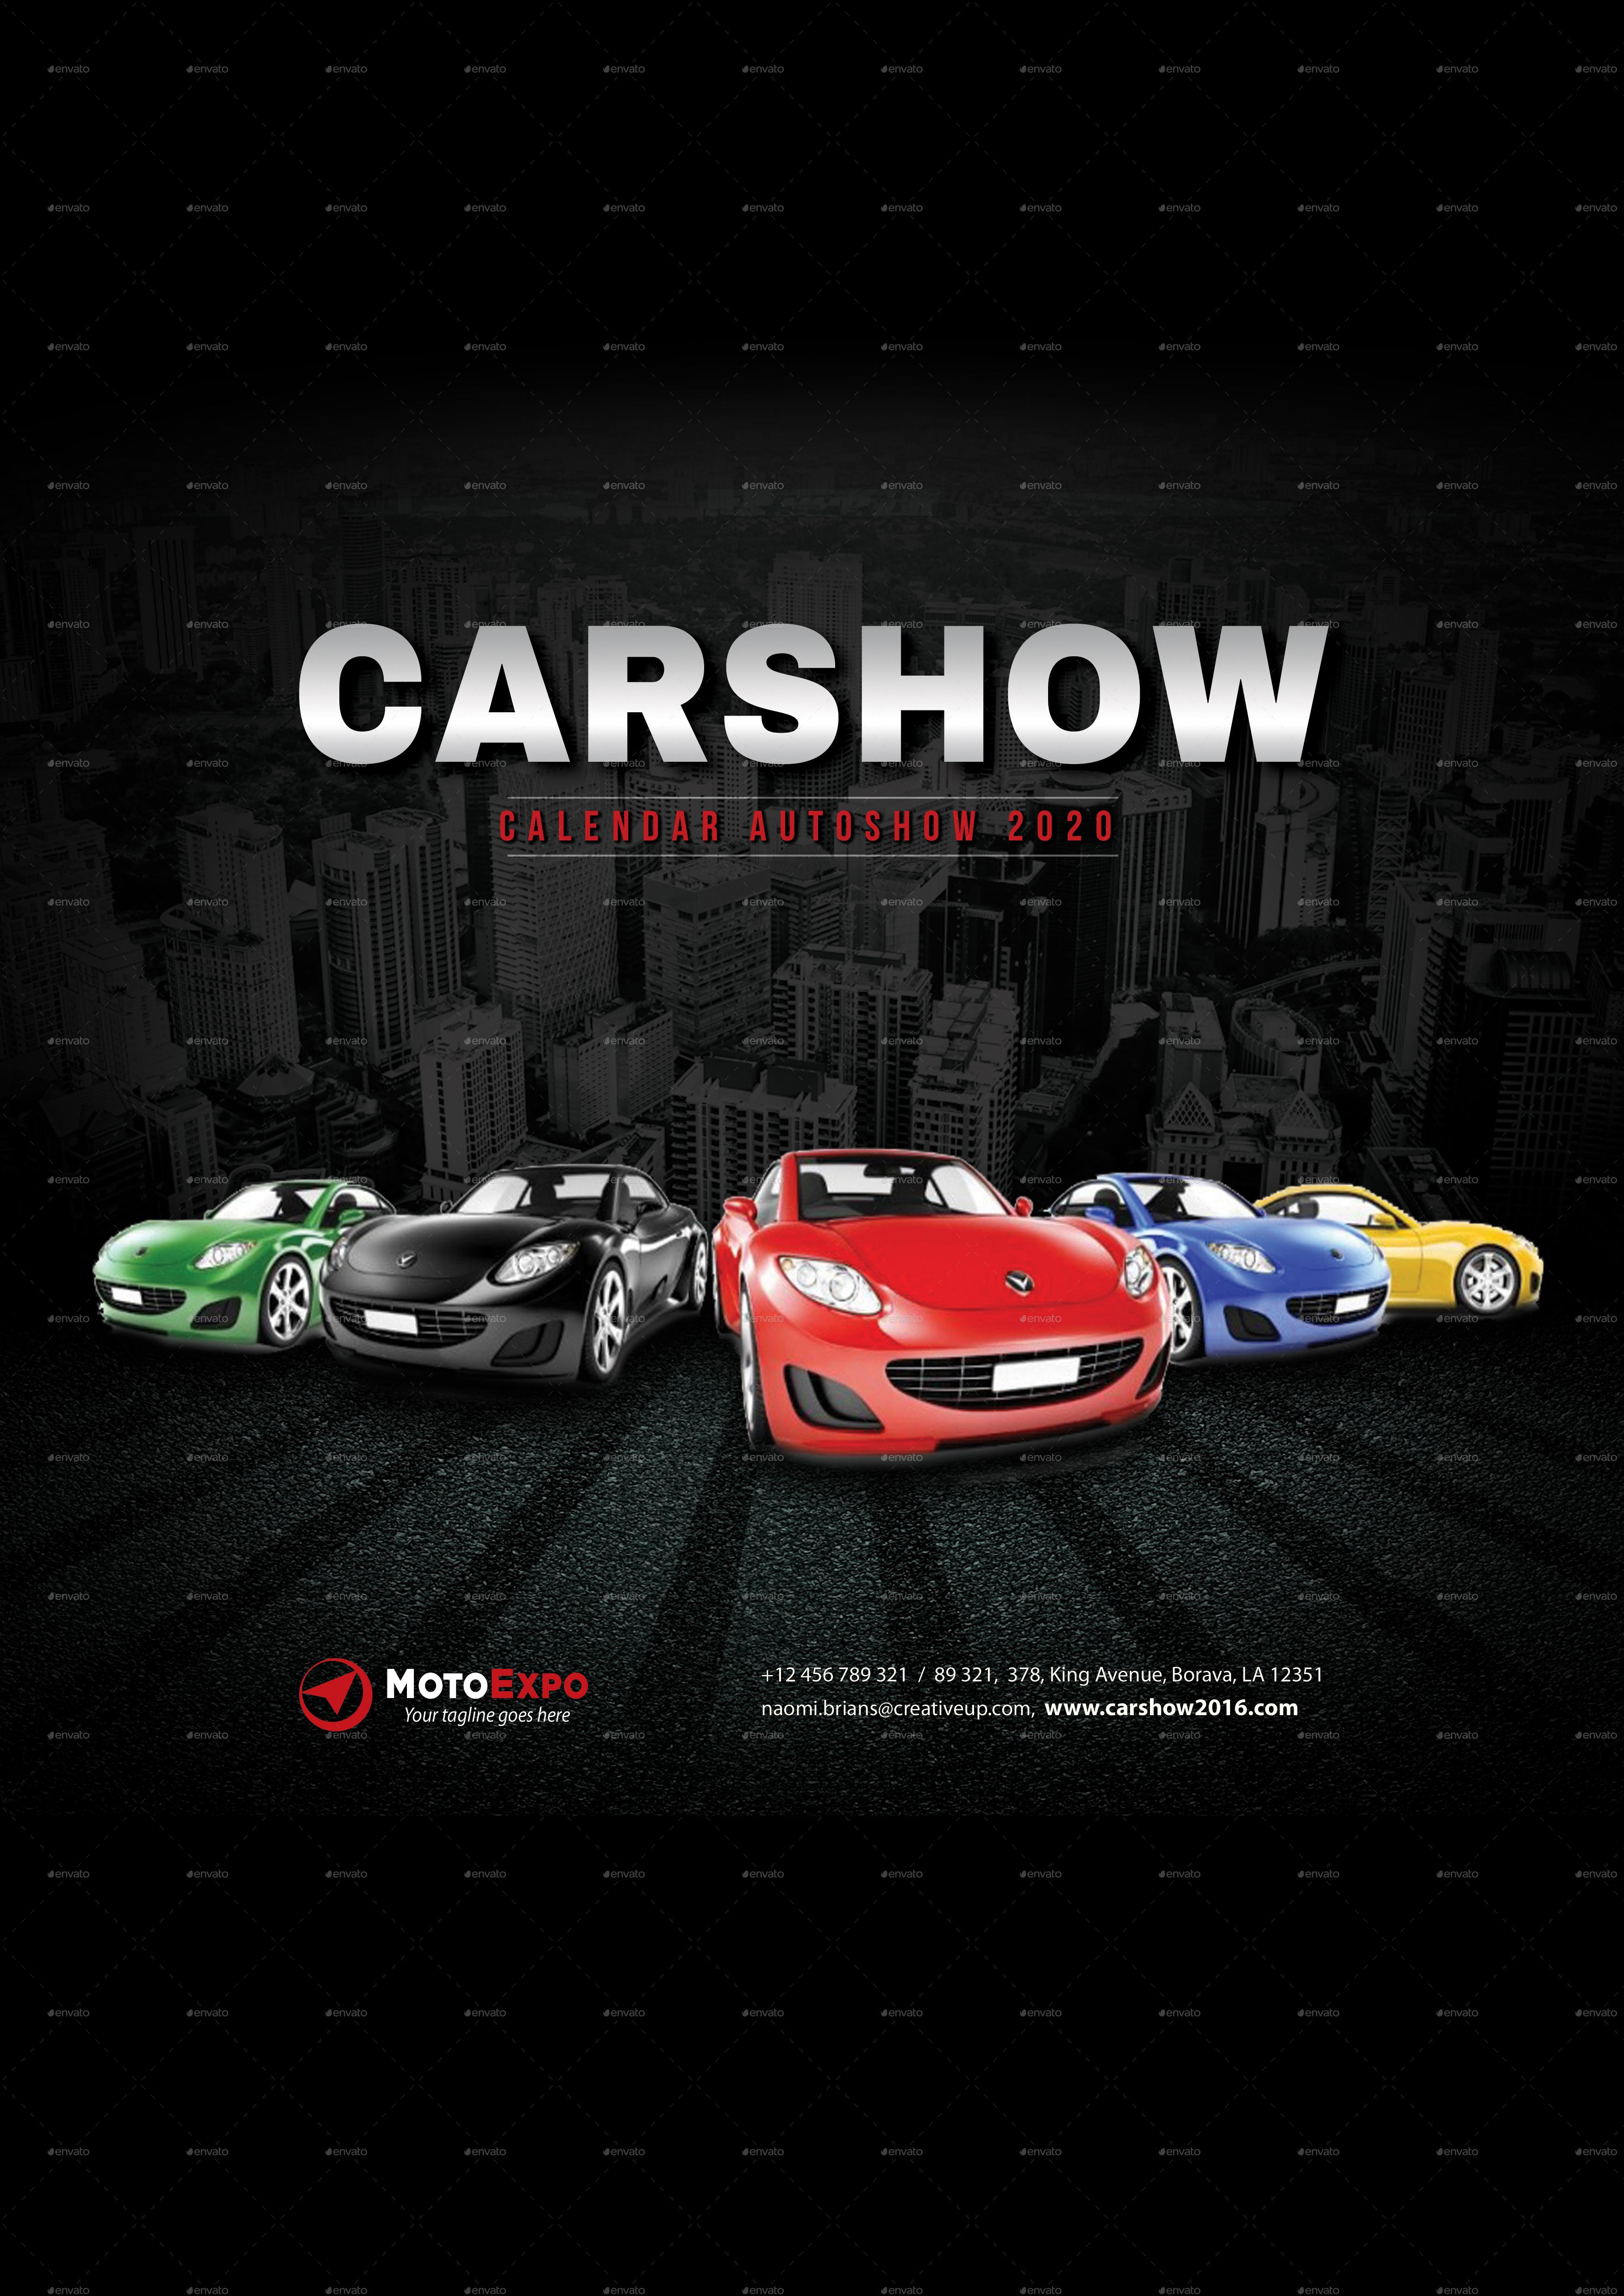 2020 Auto Show Calendar Auto Show Wall Calendar A3 2020 by rapidgraf | GraphicRiver